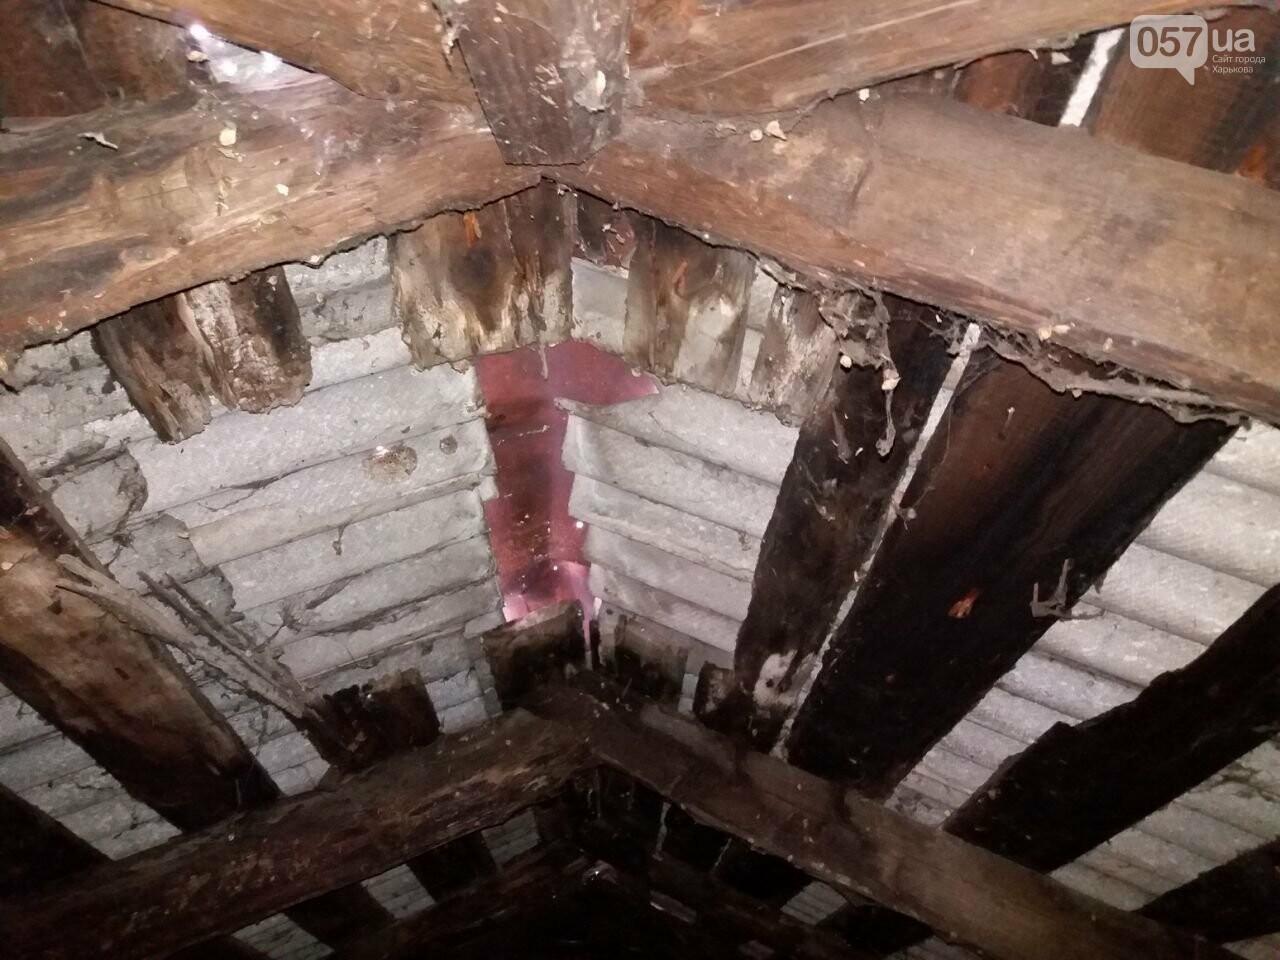 10 лет без ремонта: почему в Харькове не спешат восстанавливать аварийный дом, - ФОТО, фото-8